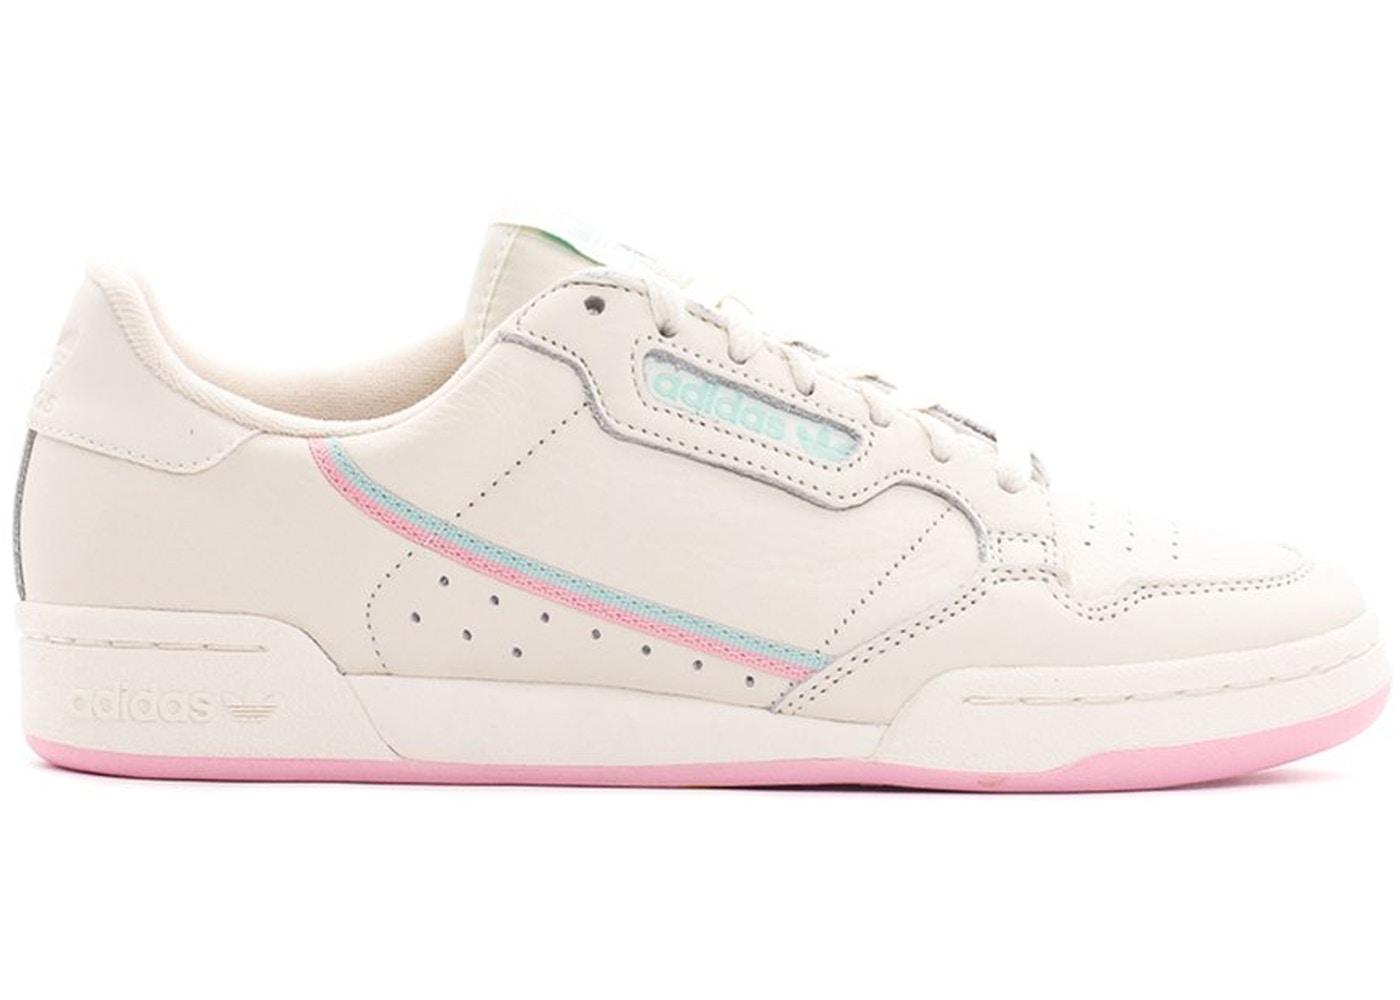 アディダス ADIDAS 白 ホワイト ピンク スニーカー 【 WHITE PINK CONTINENTAL 80 OFF TRUE CLEAR MINT 】 メンズ